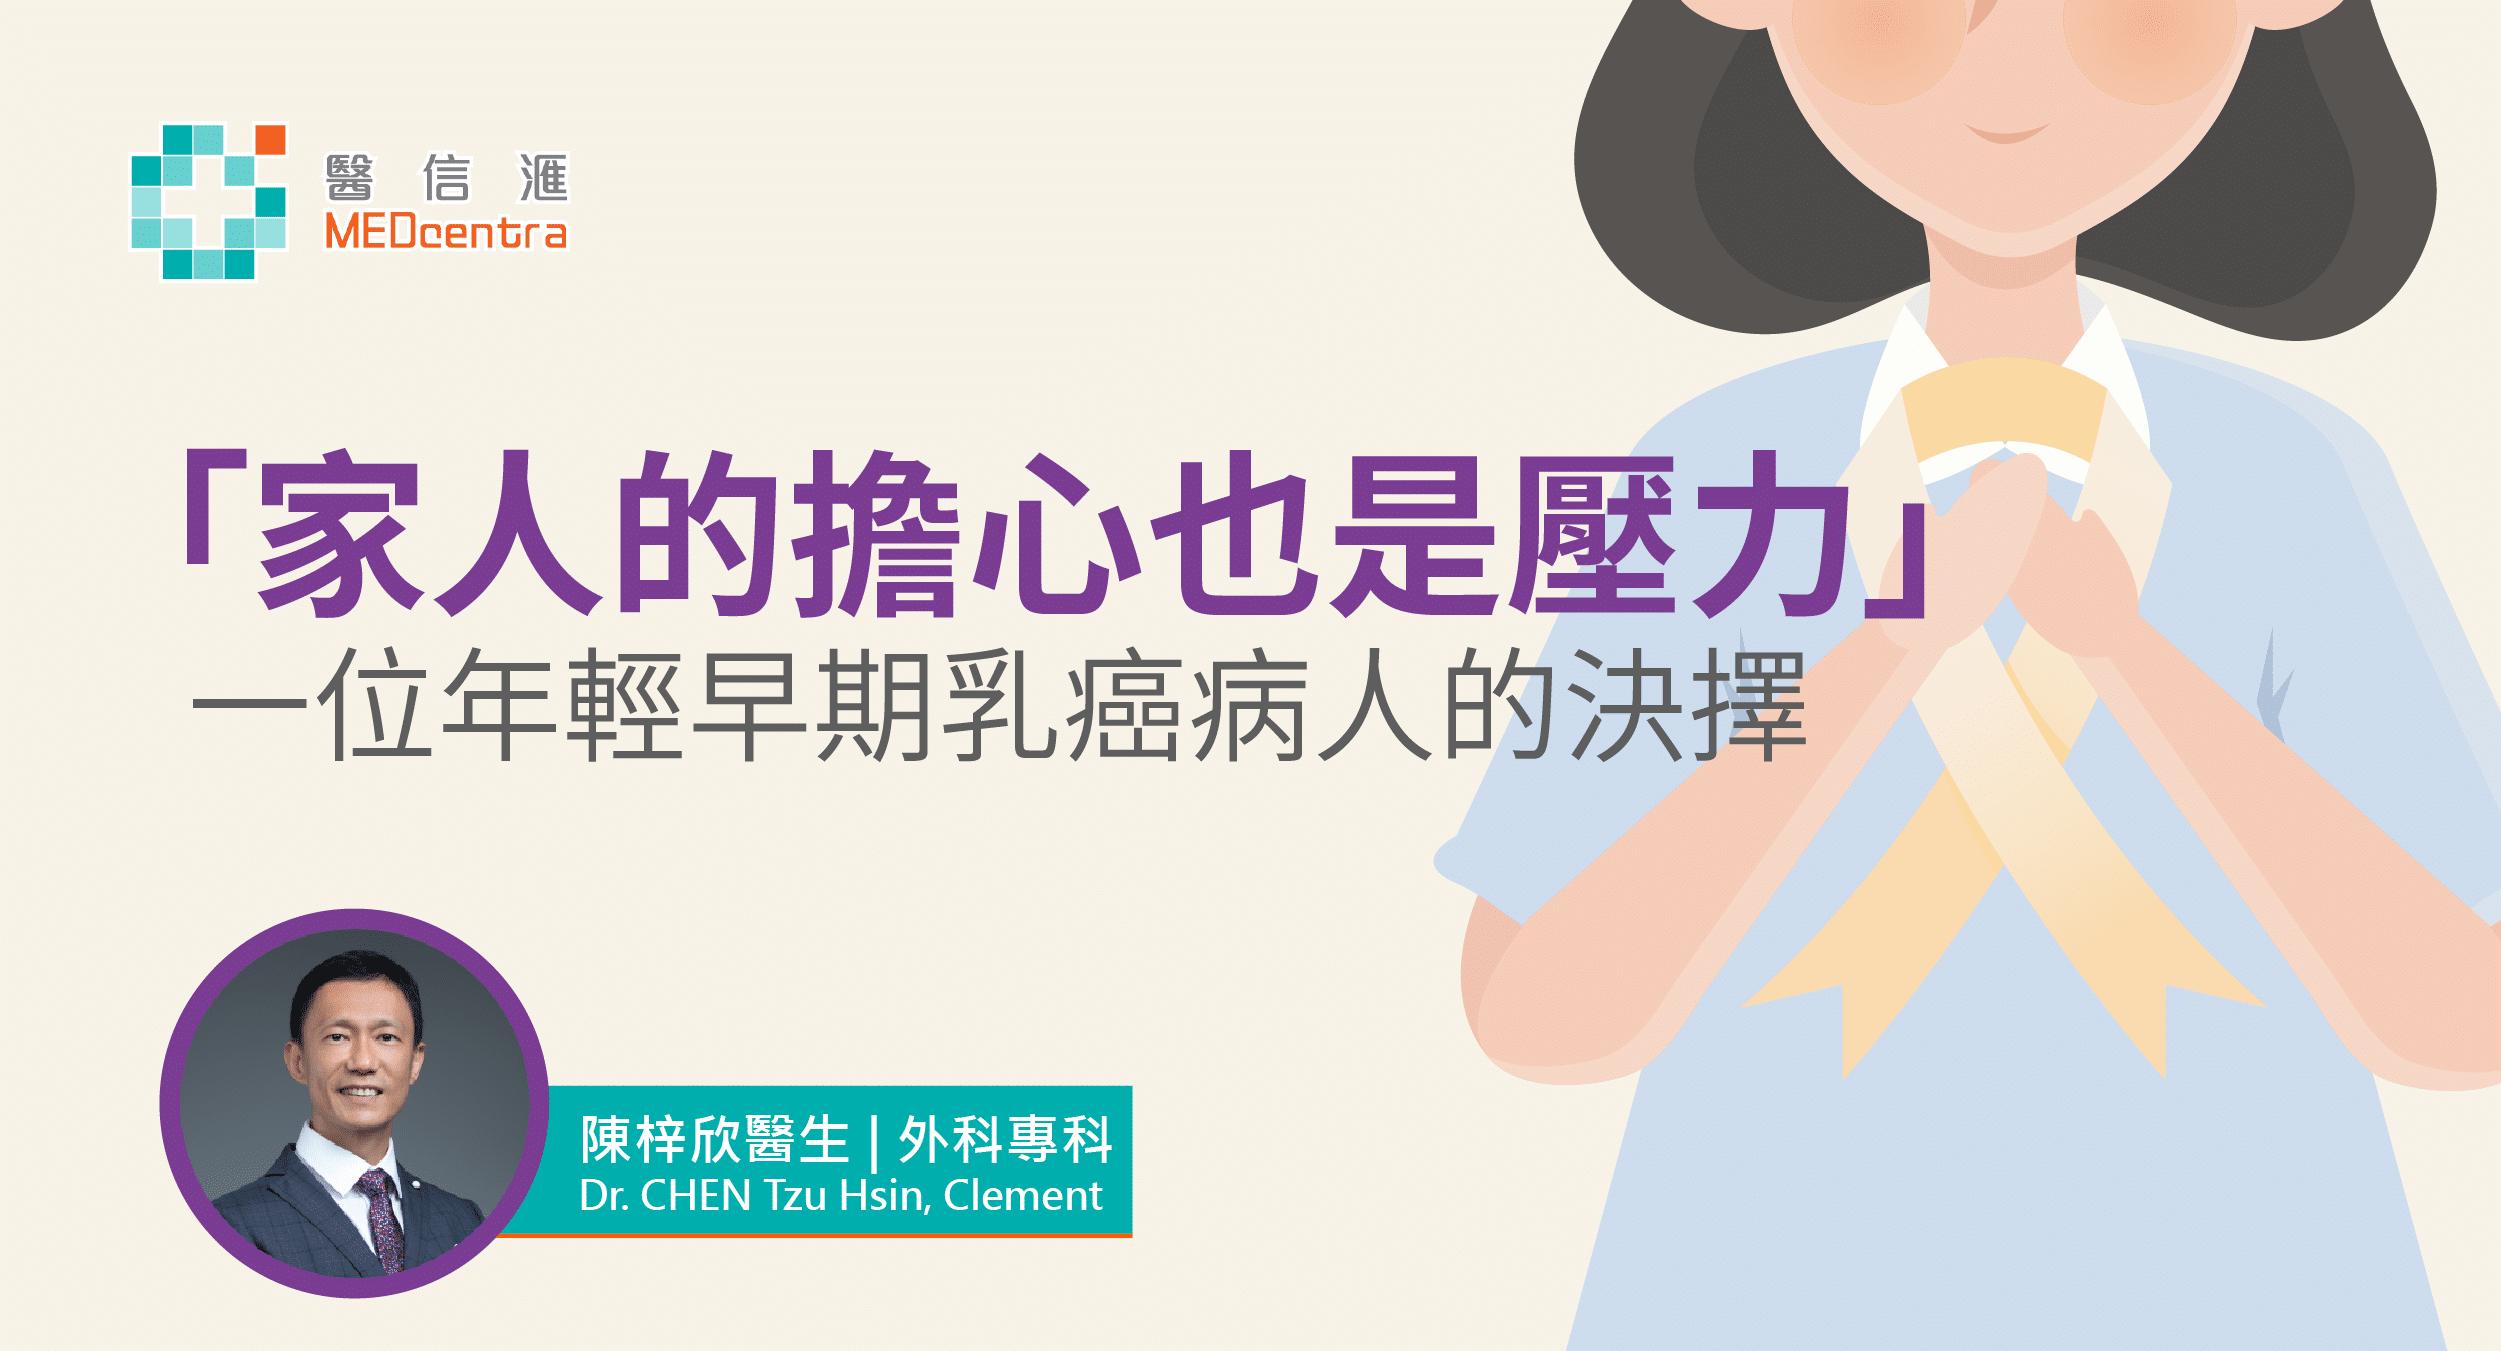 【乳癌】「家人的擔心也是壓力」- 一位年輕早期乳癌病人的決擇    陳梓欣醫生